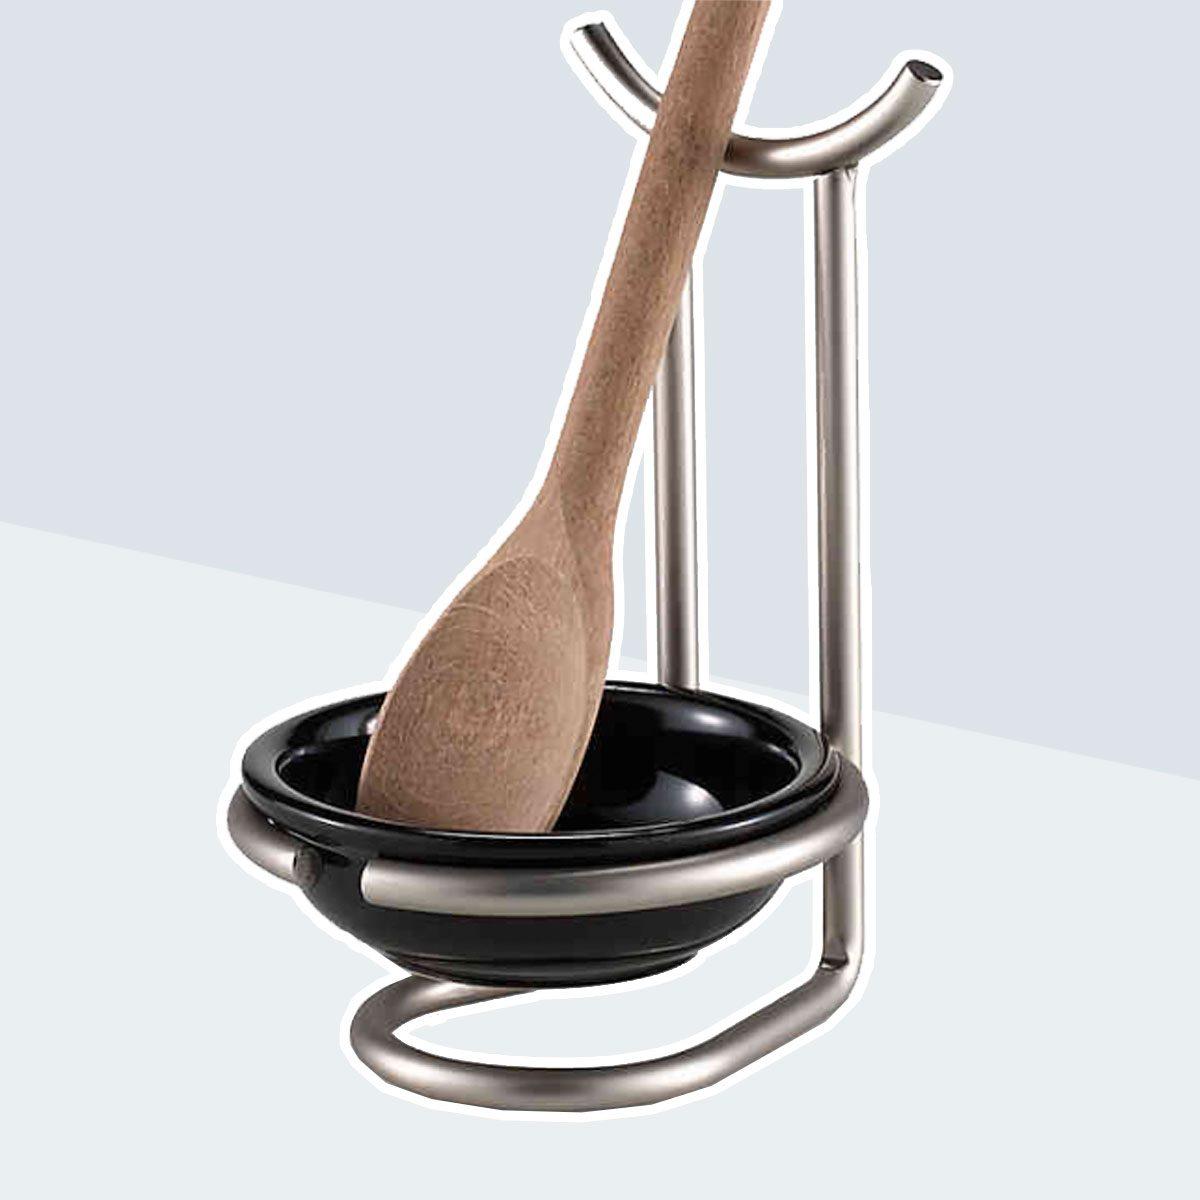 Spectrum™ Euro Spoon Rest with Ceramic Dish